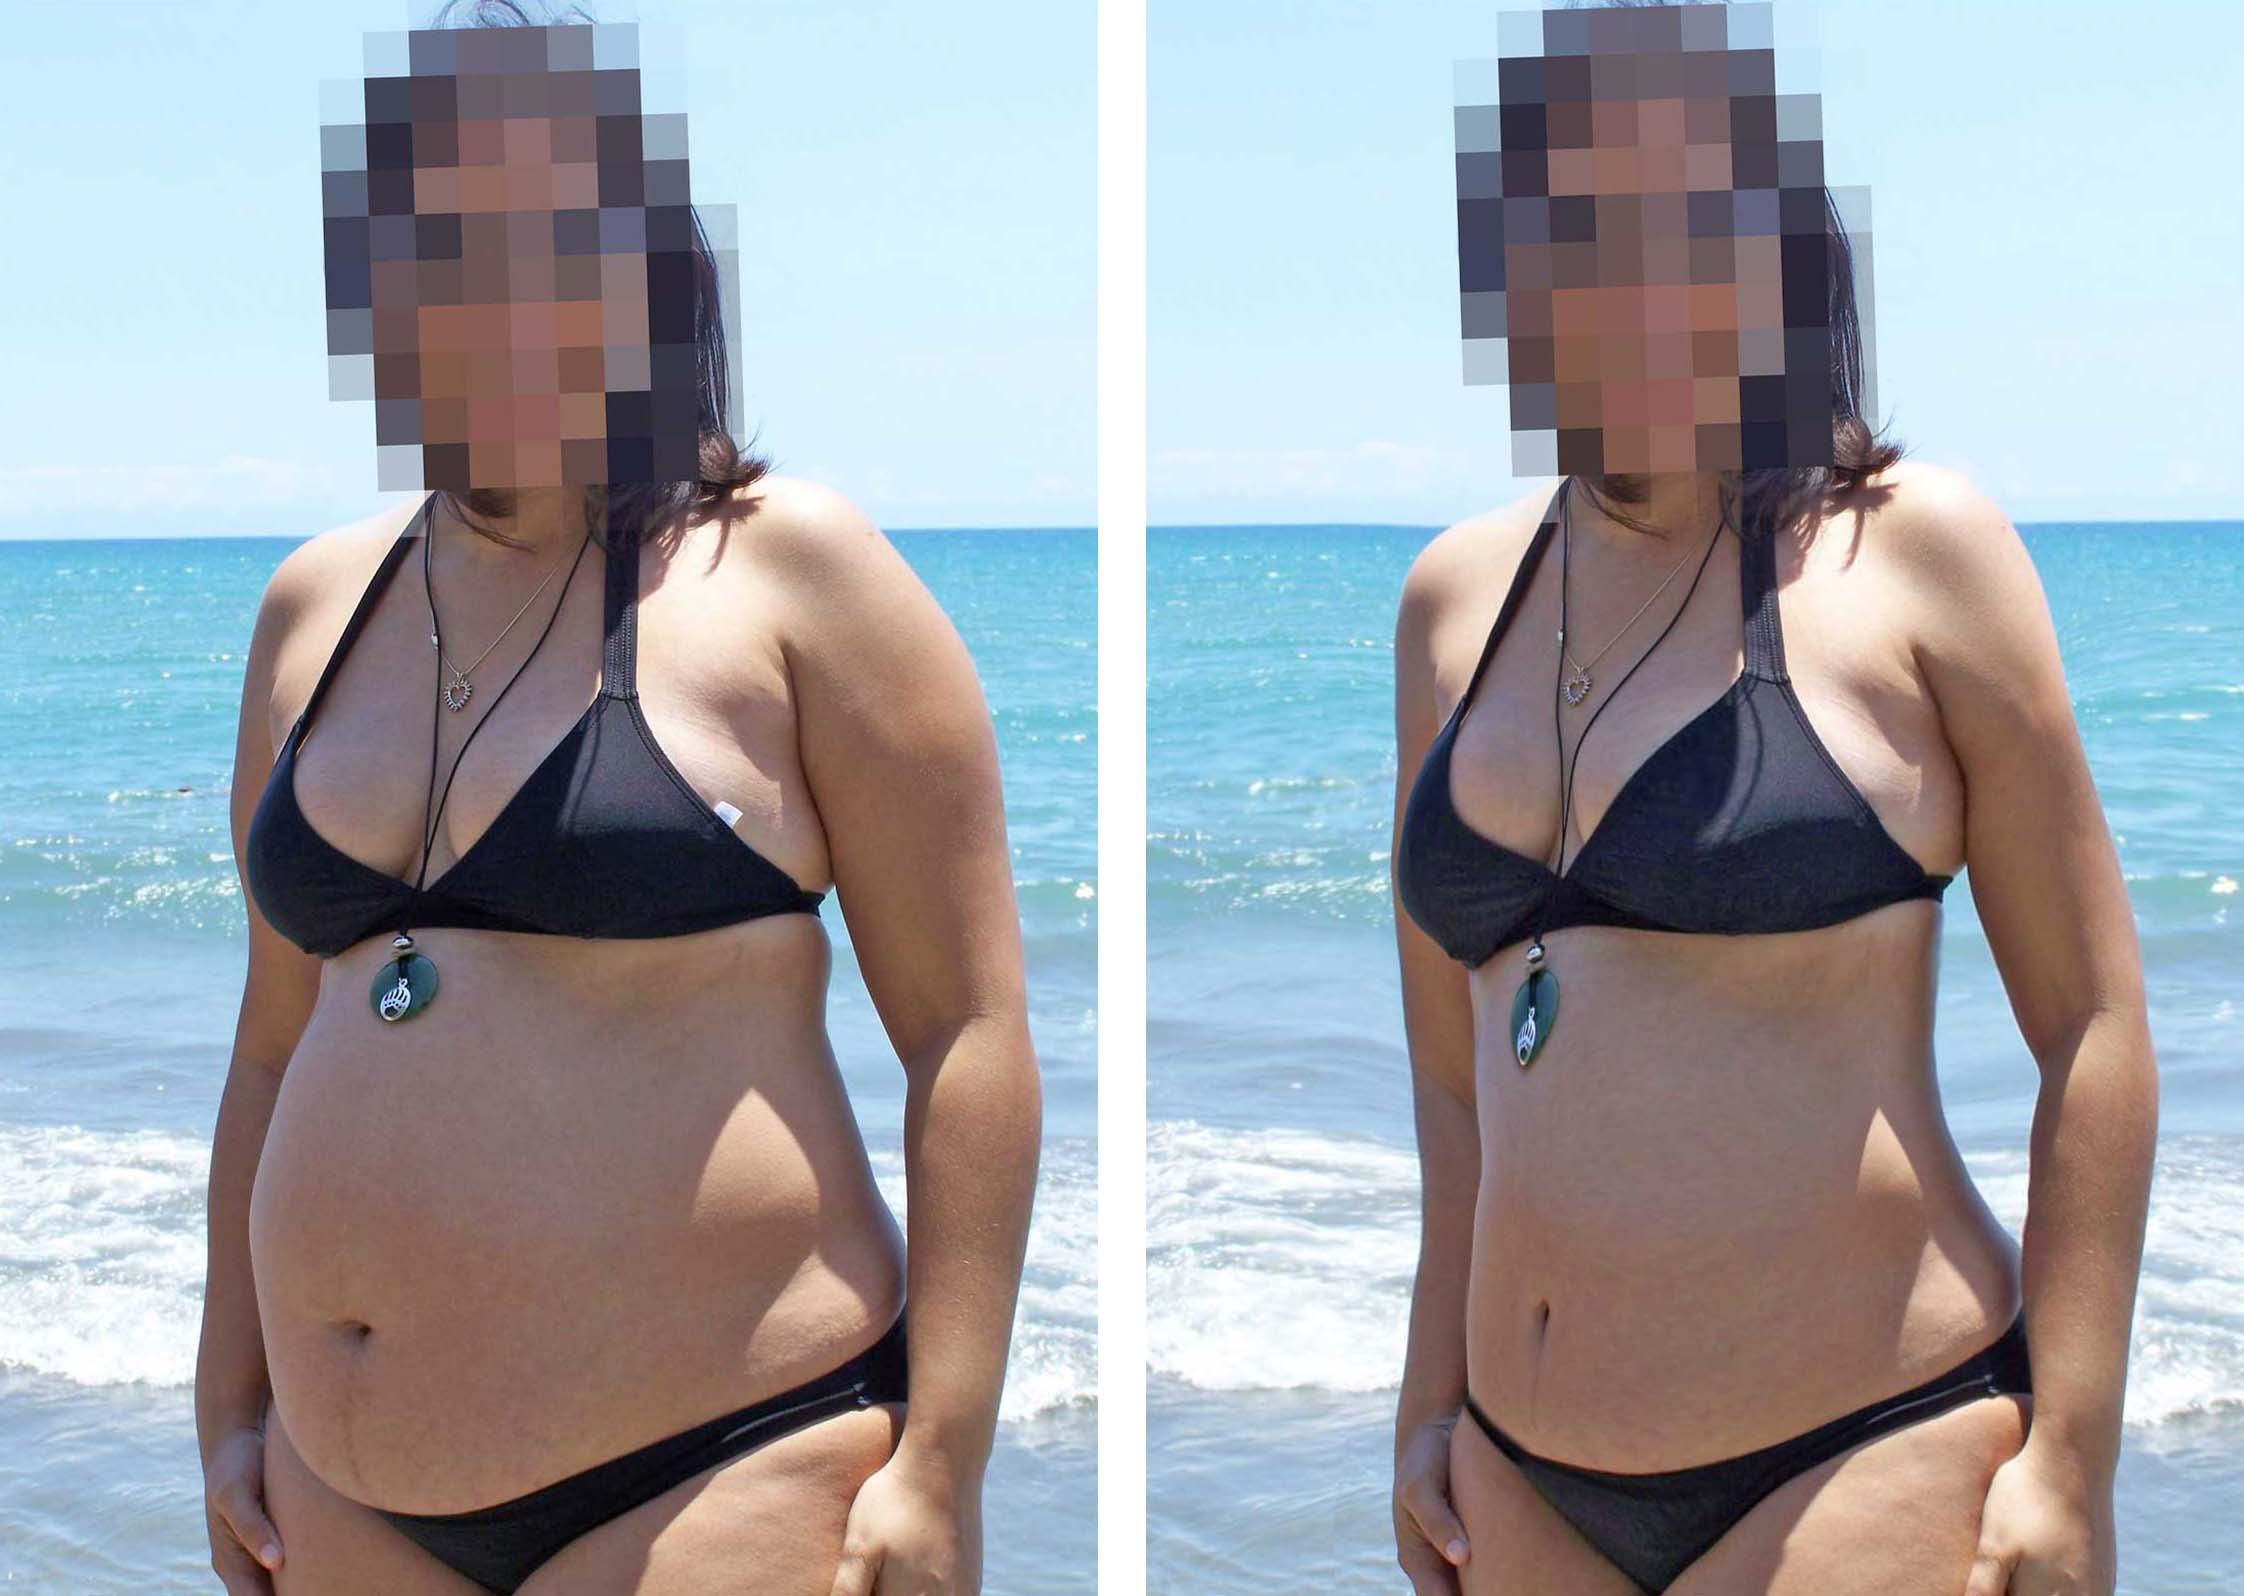 Como bajar de peso a una persona en photoshop